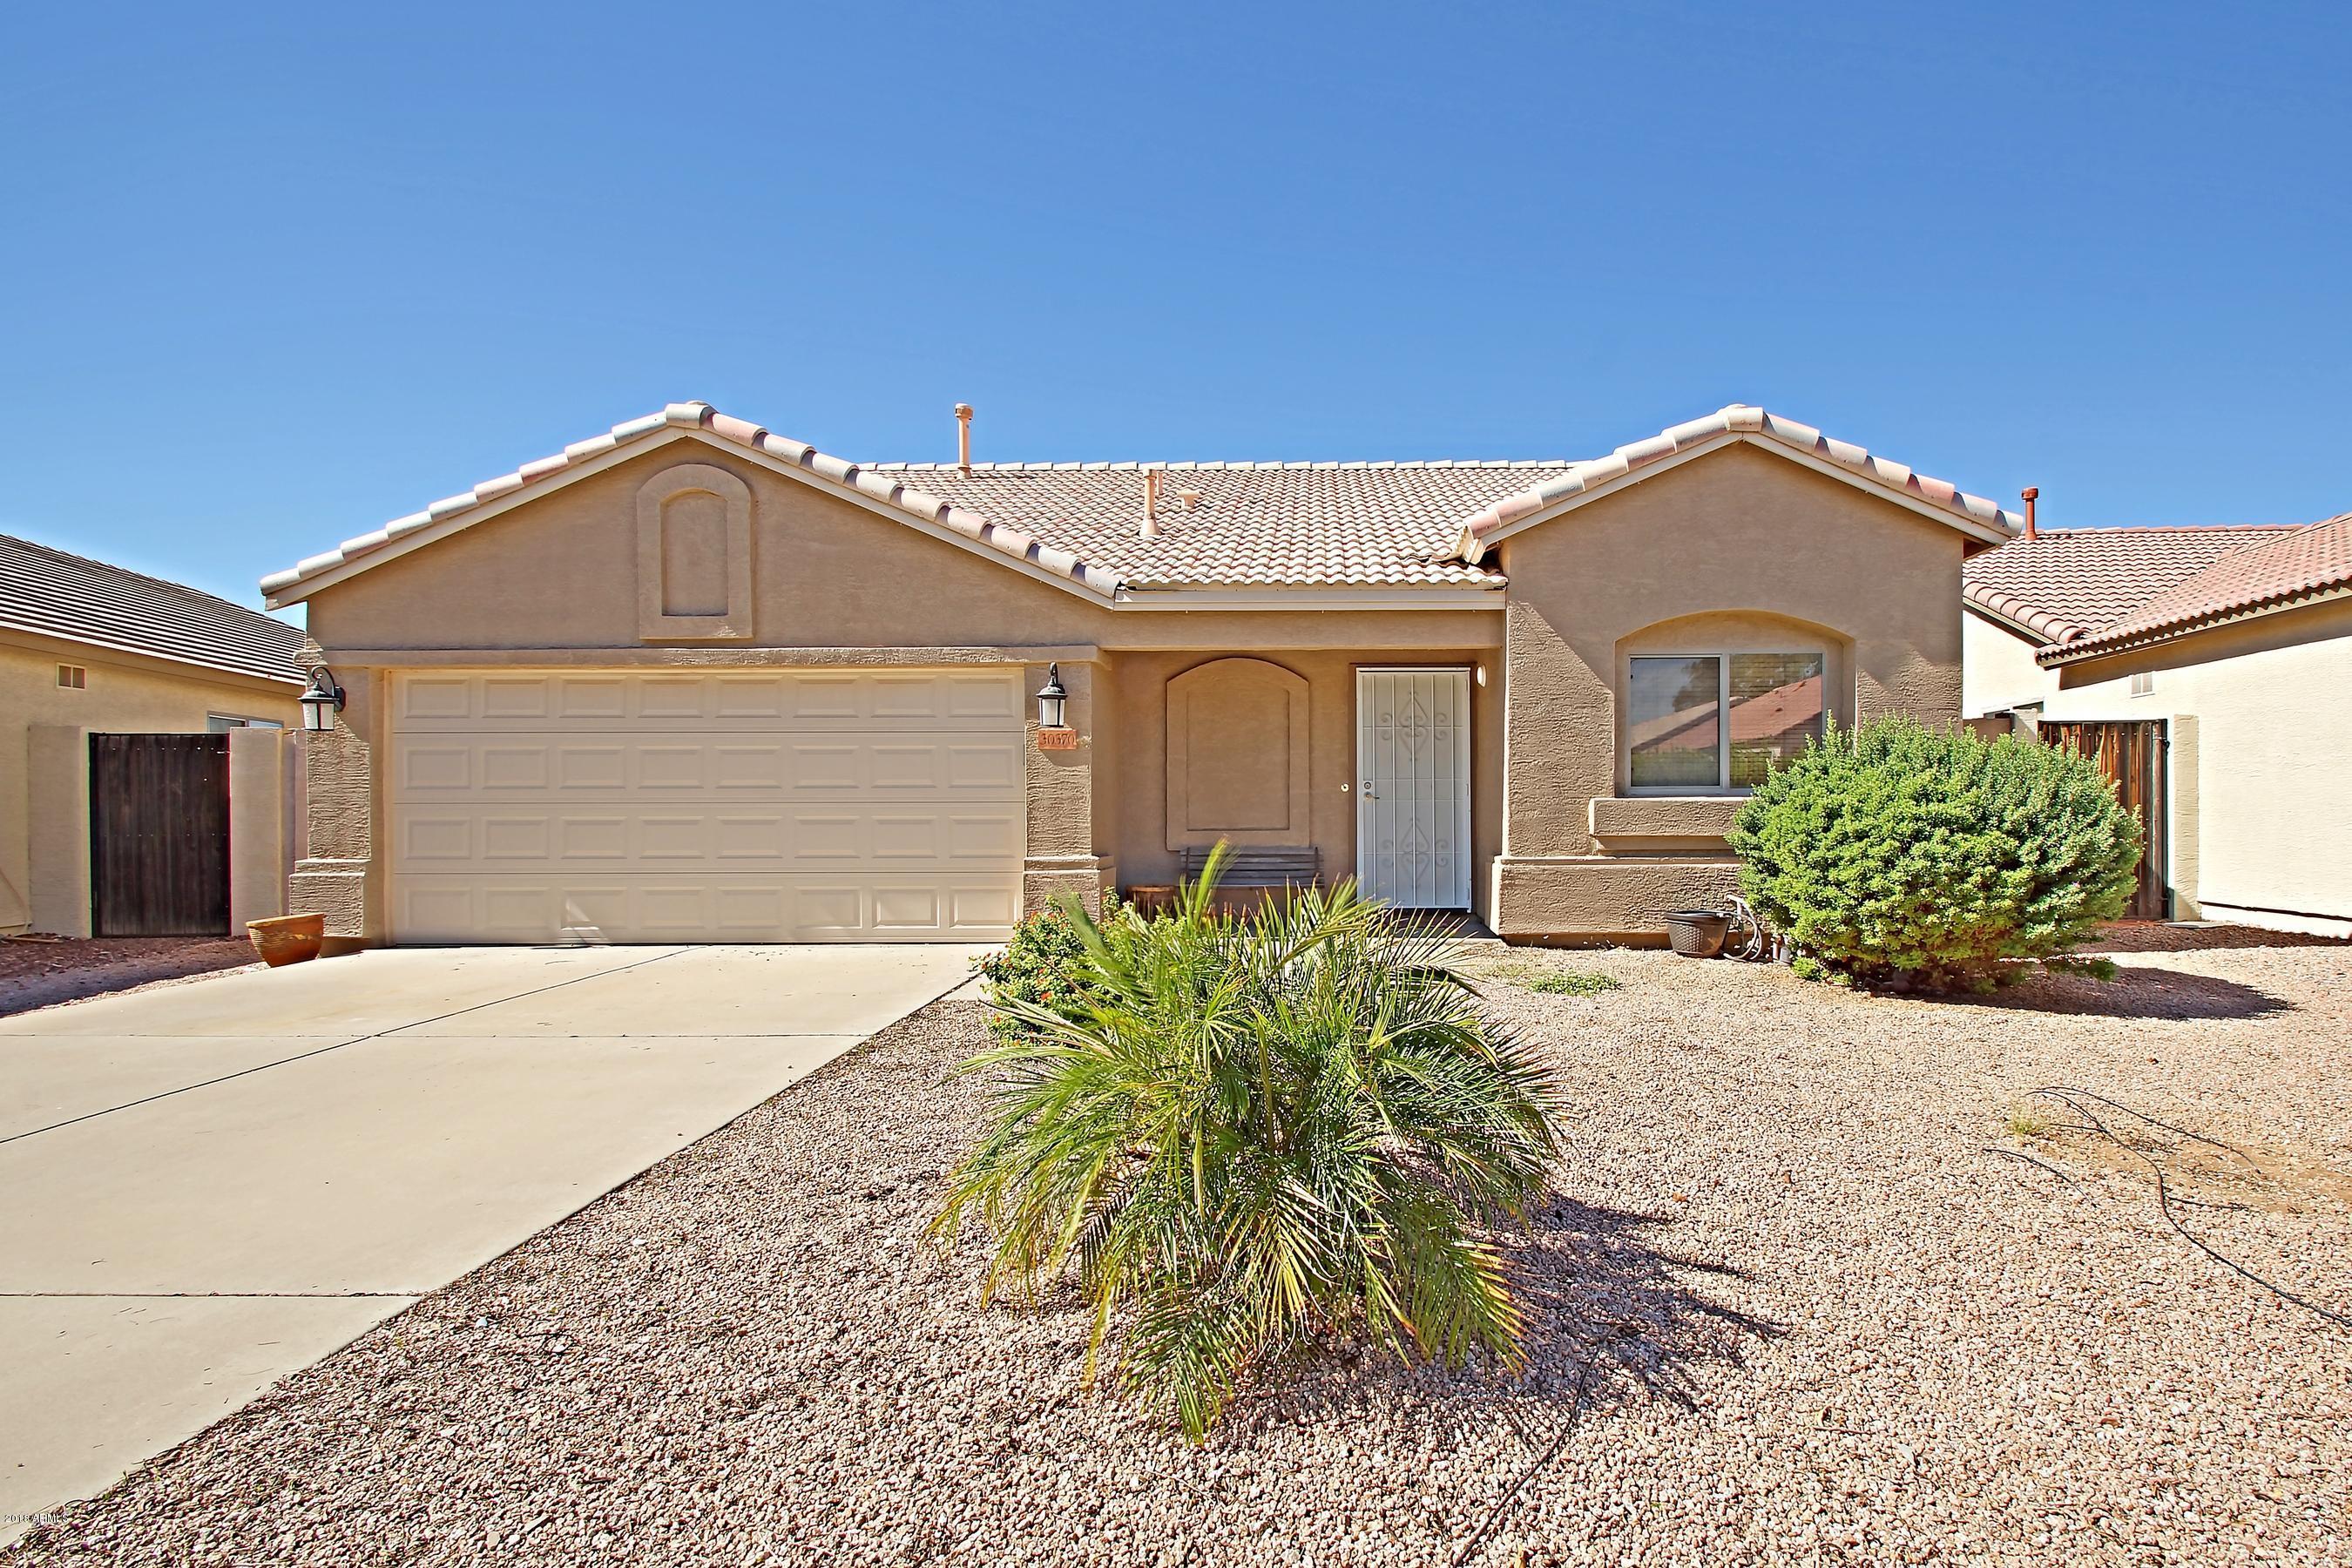 Photo of 30370 N ROYAL OAK Way, San Tan Valley, AZ 85143